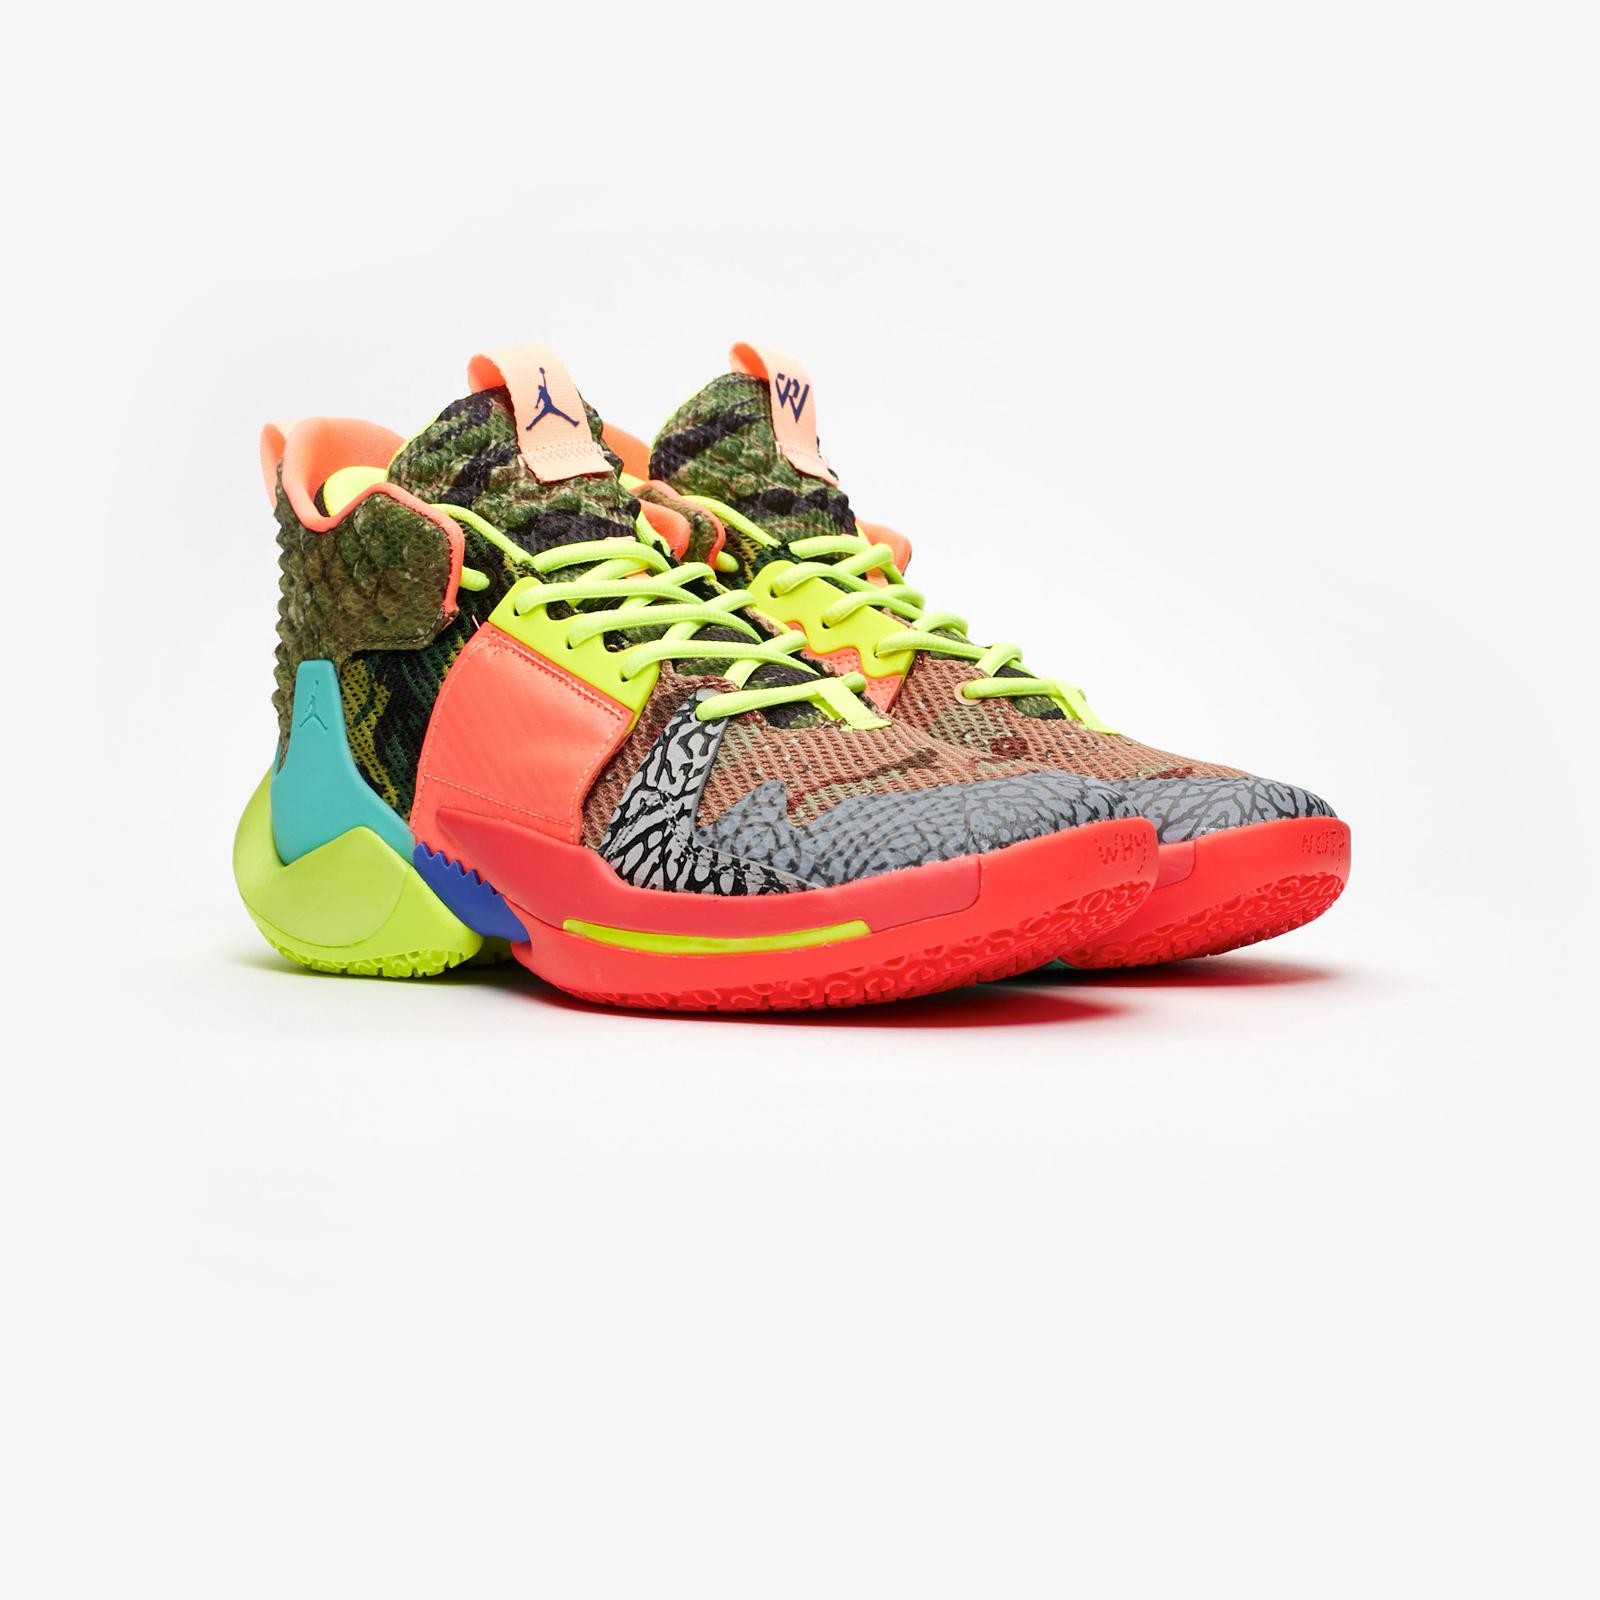 0defd3baba Jordan Brand Jordan Why Not Zer0 SP - Ci6875-300 - Sneakersnstuff ...